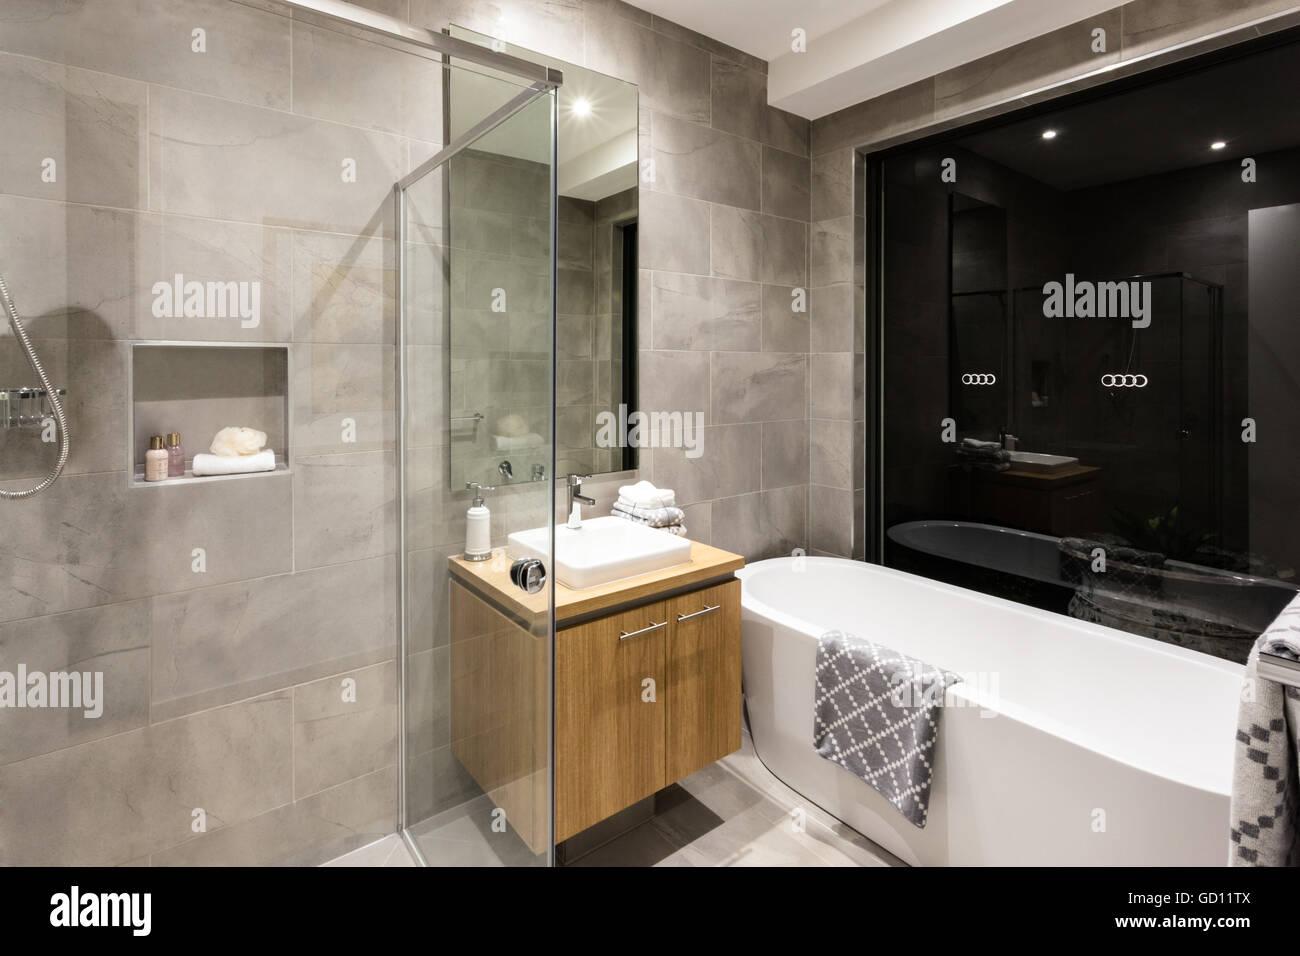 Bagno moderno con doccia e vasca da bagno accanto a uno specchio e ...